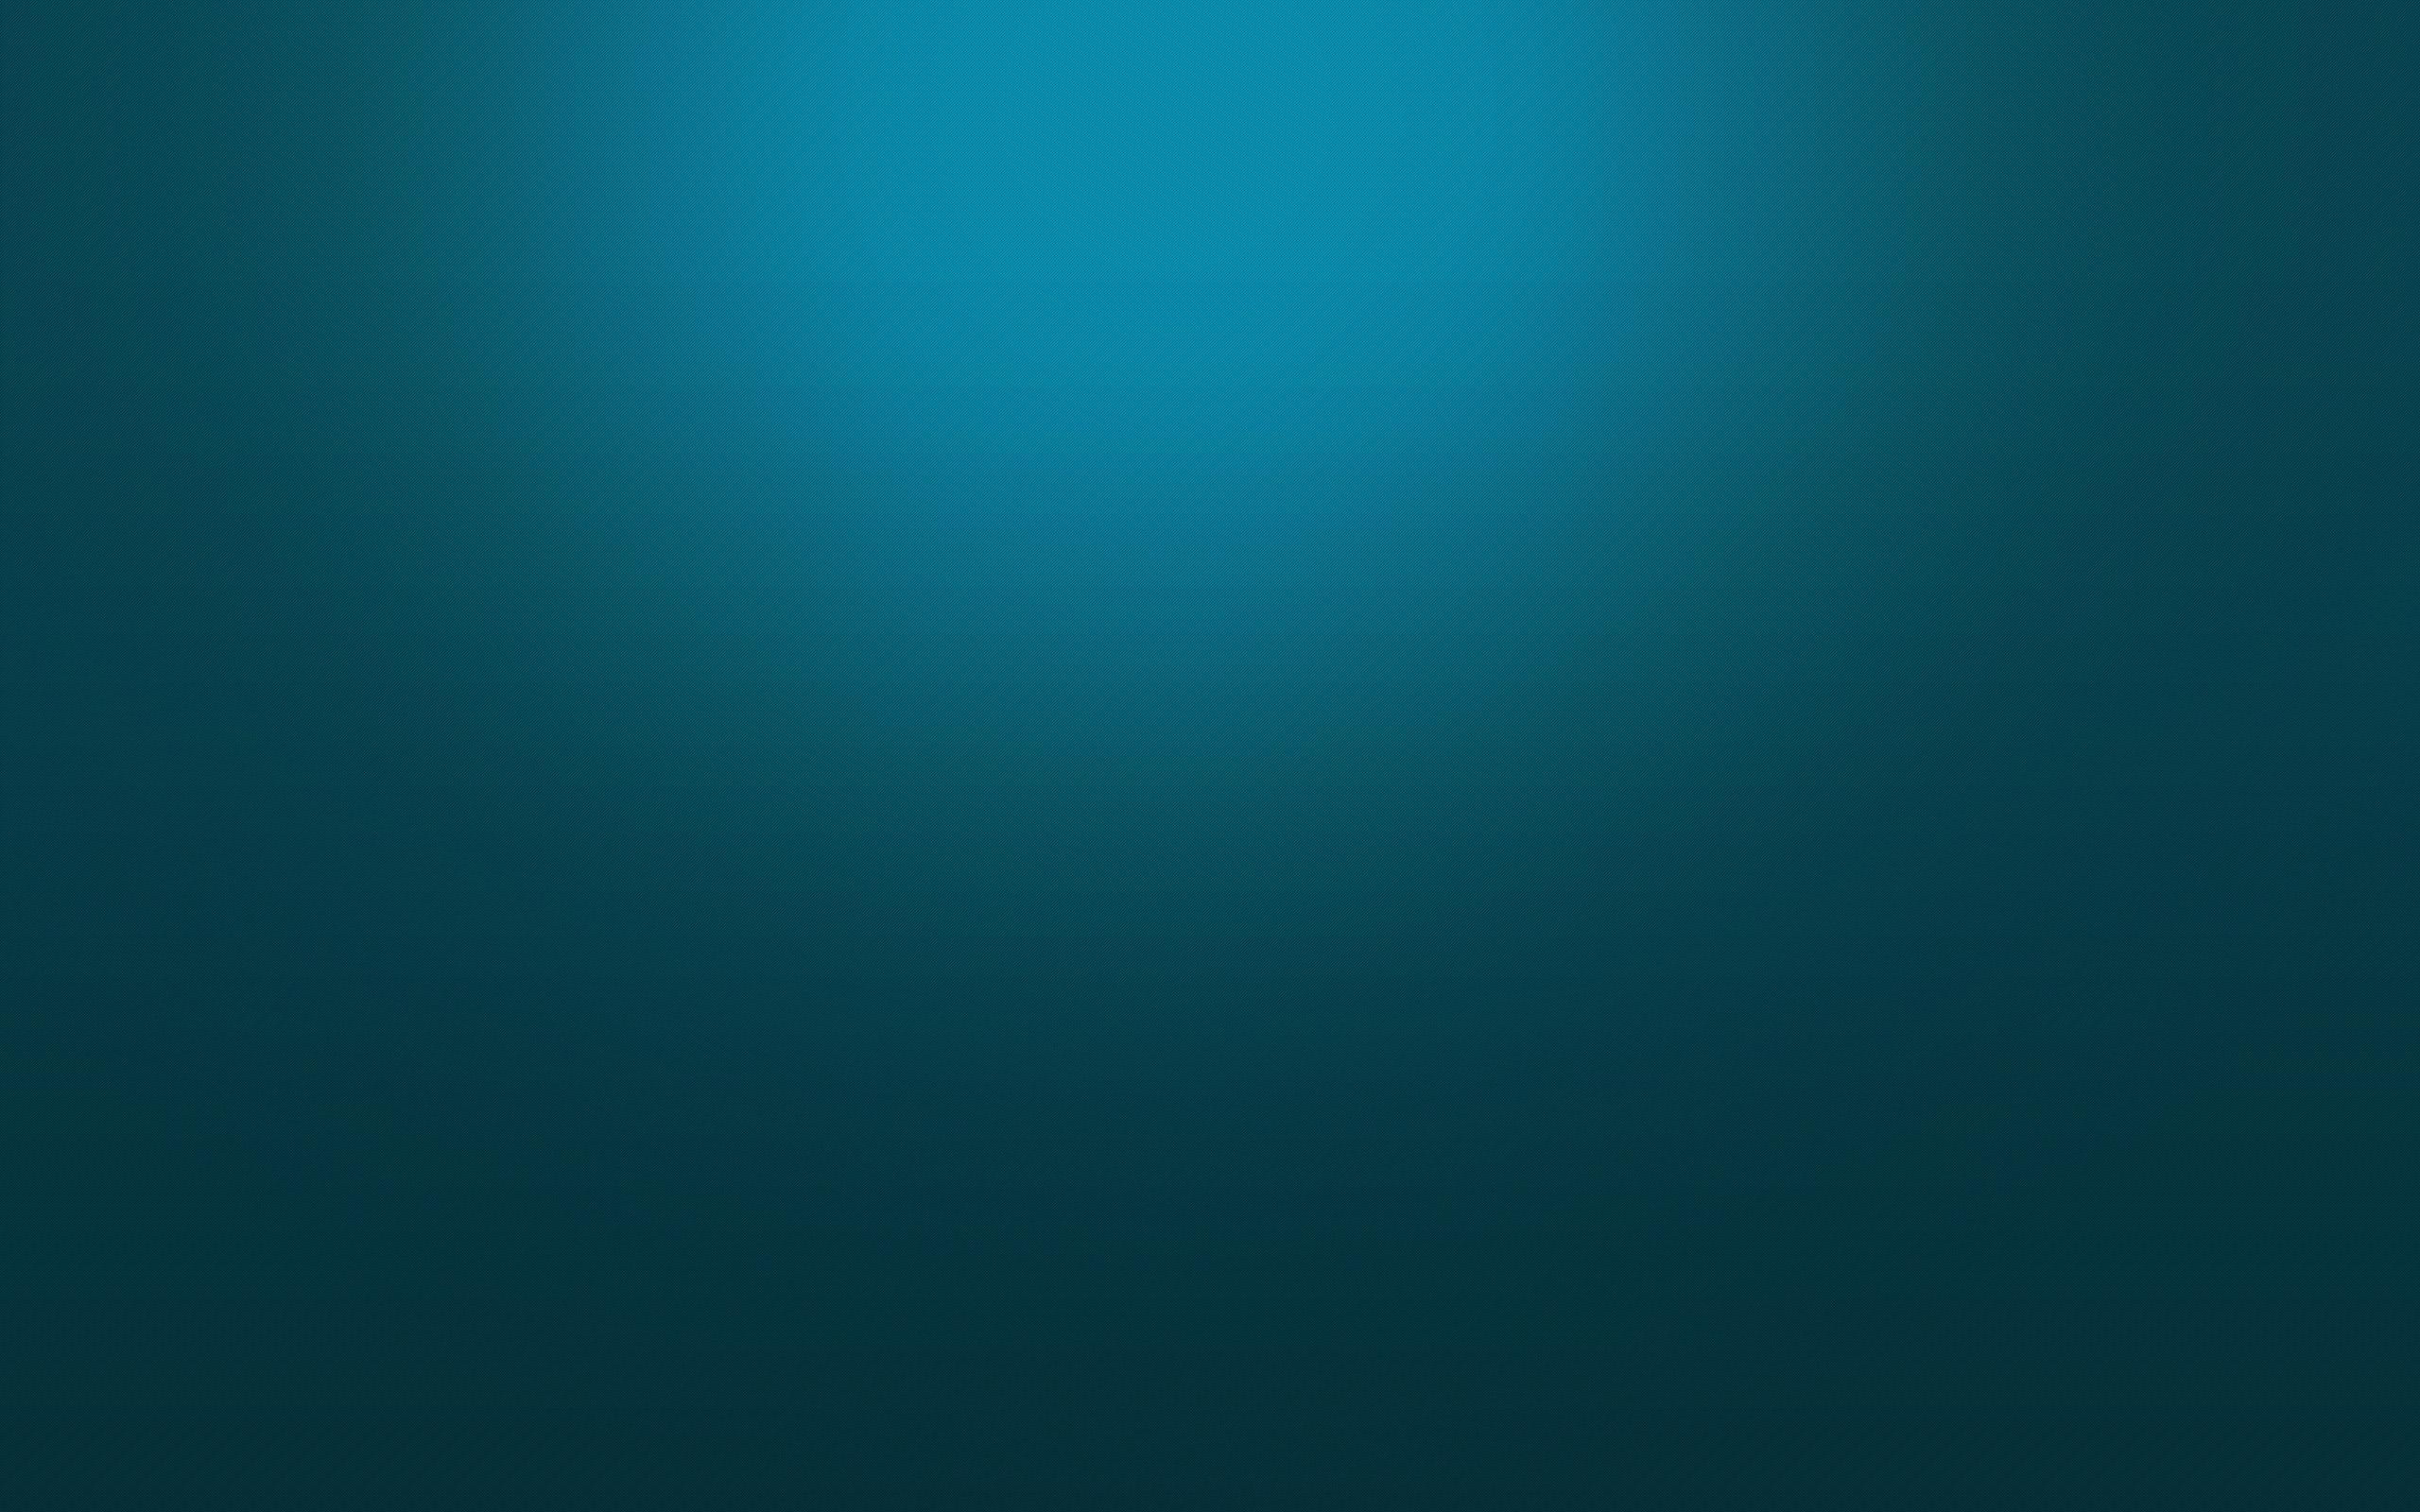 Papel De Parede : Cor, Fundo, Superfície, Sólido 2560x1600